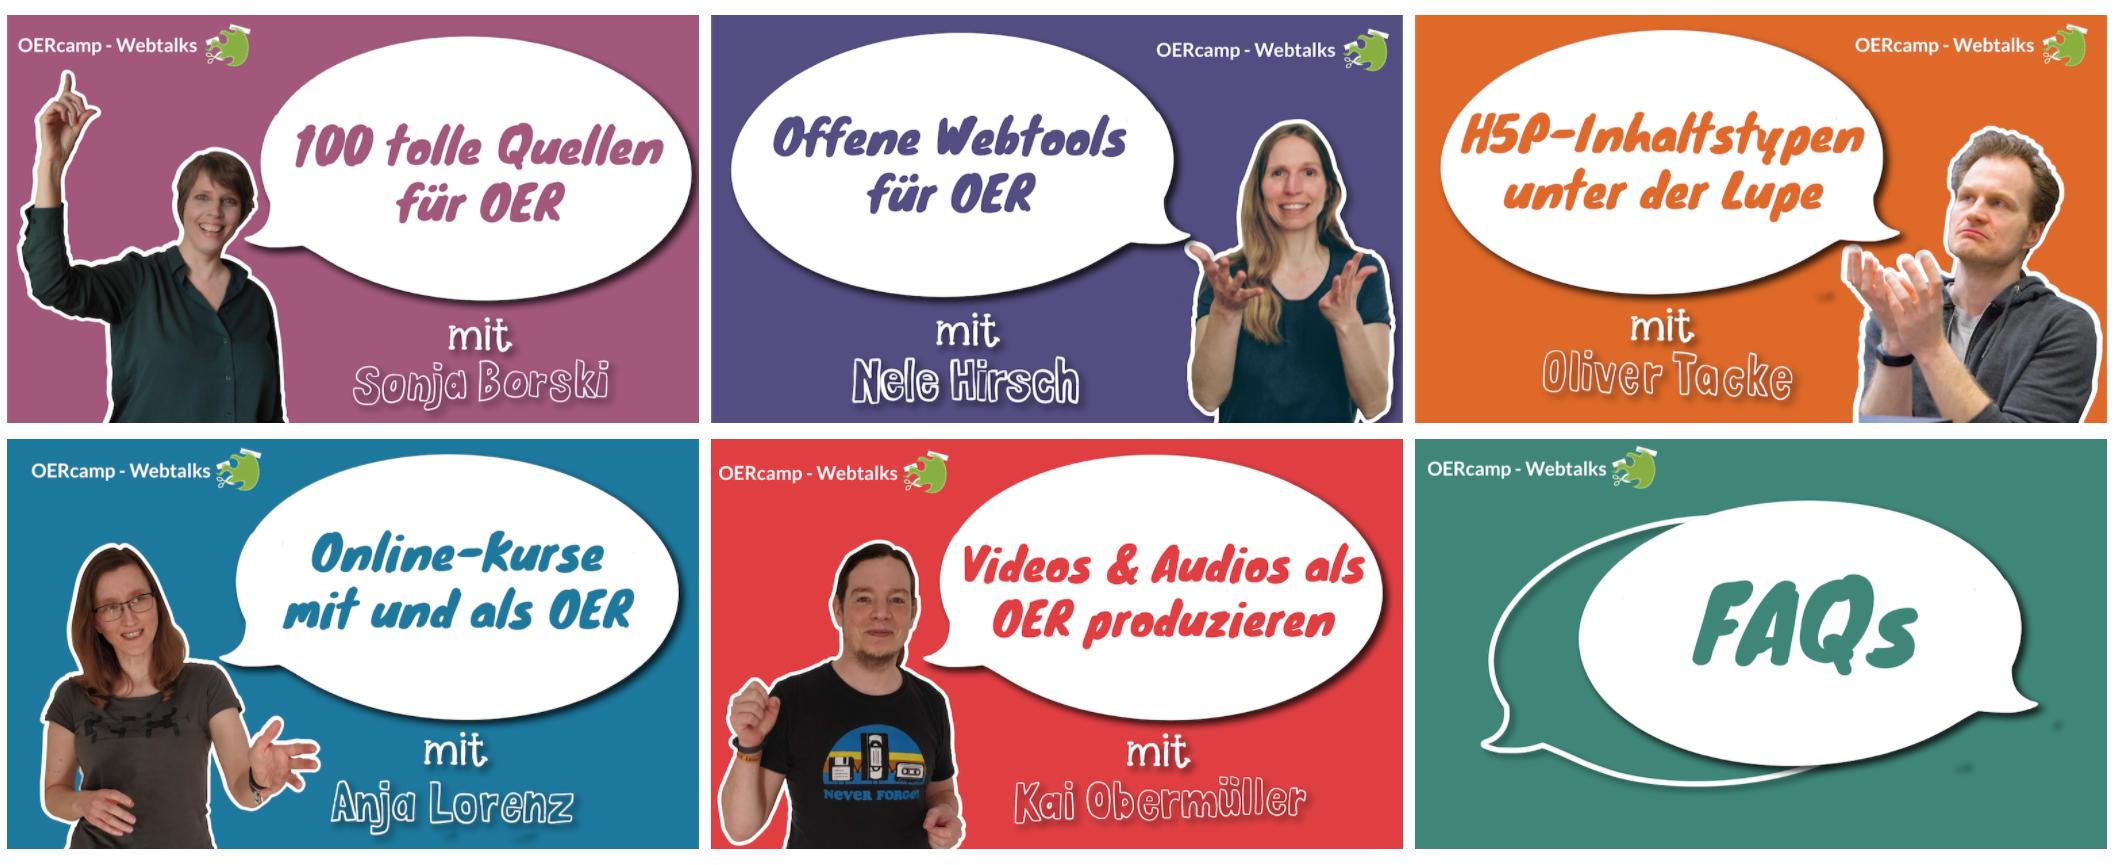 die 5 Coaches der OERcamp-Webtalks und ihre Themen